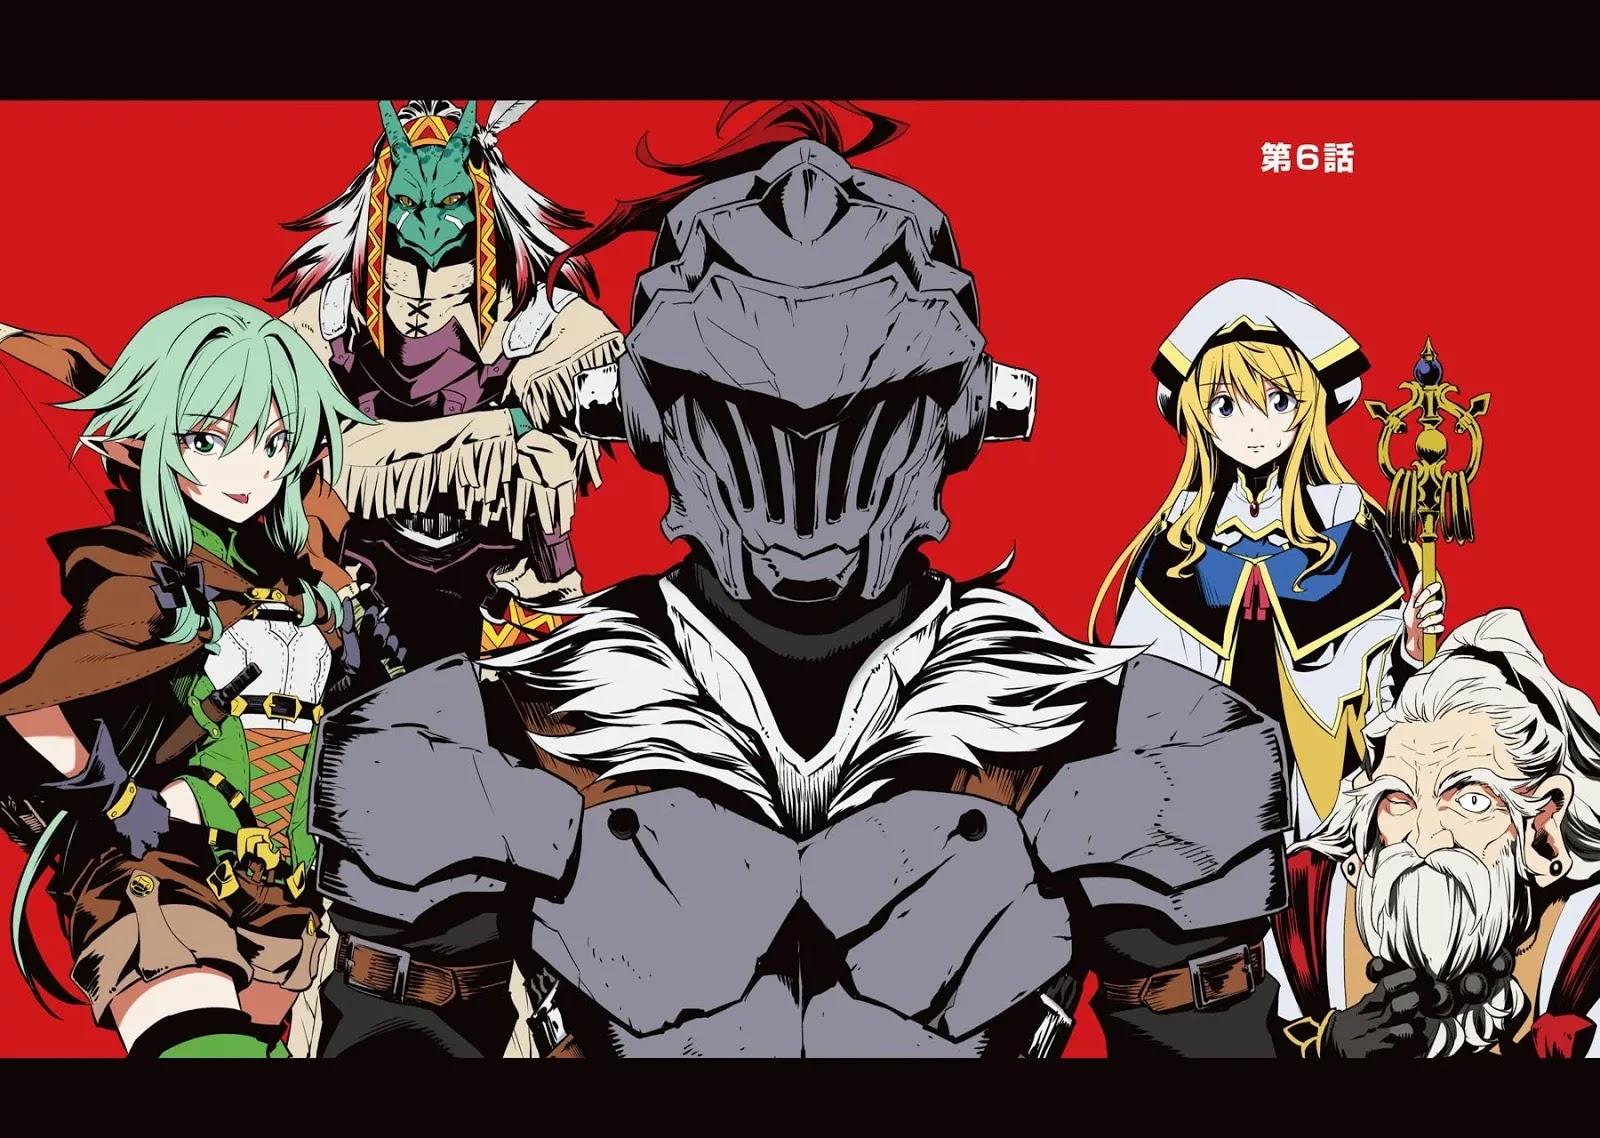 Dilansir dari situs web resmi mengungkapkan bahwa anime goblin slayer akan mendapatkan jumlah episode sampai 12 episode